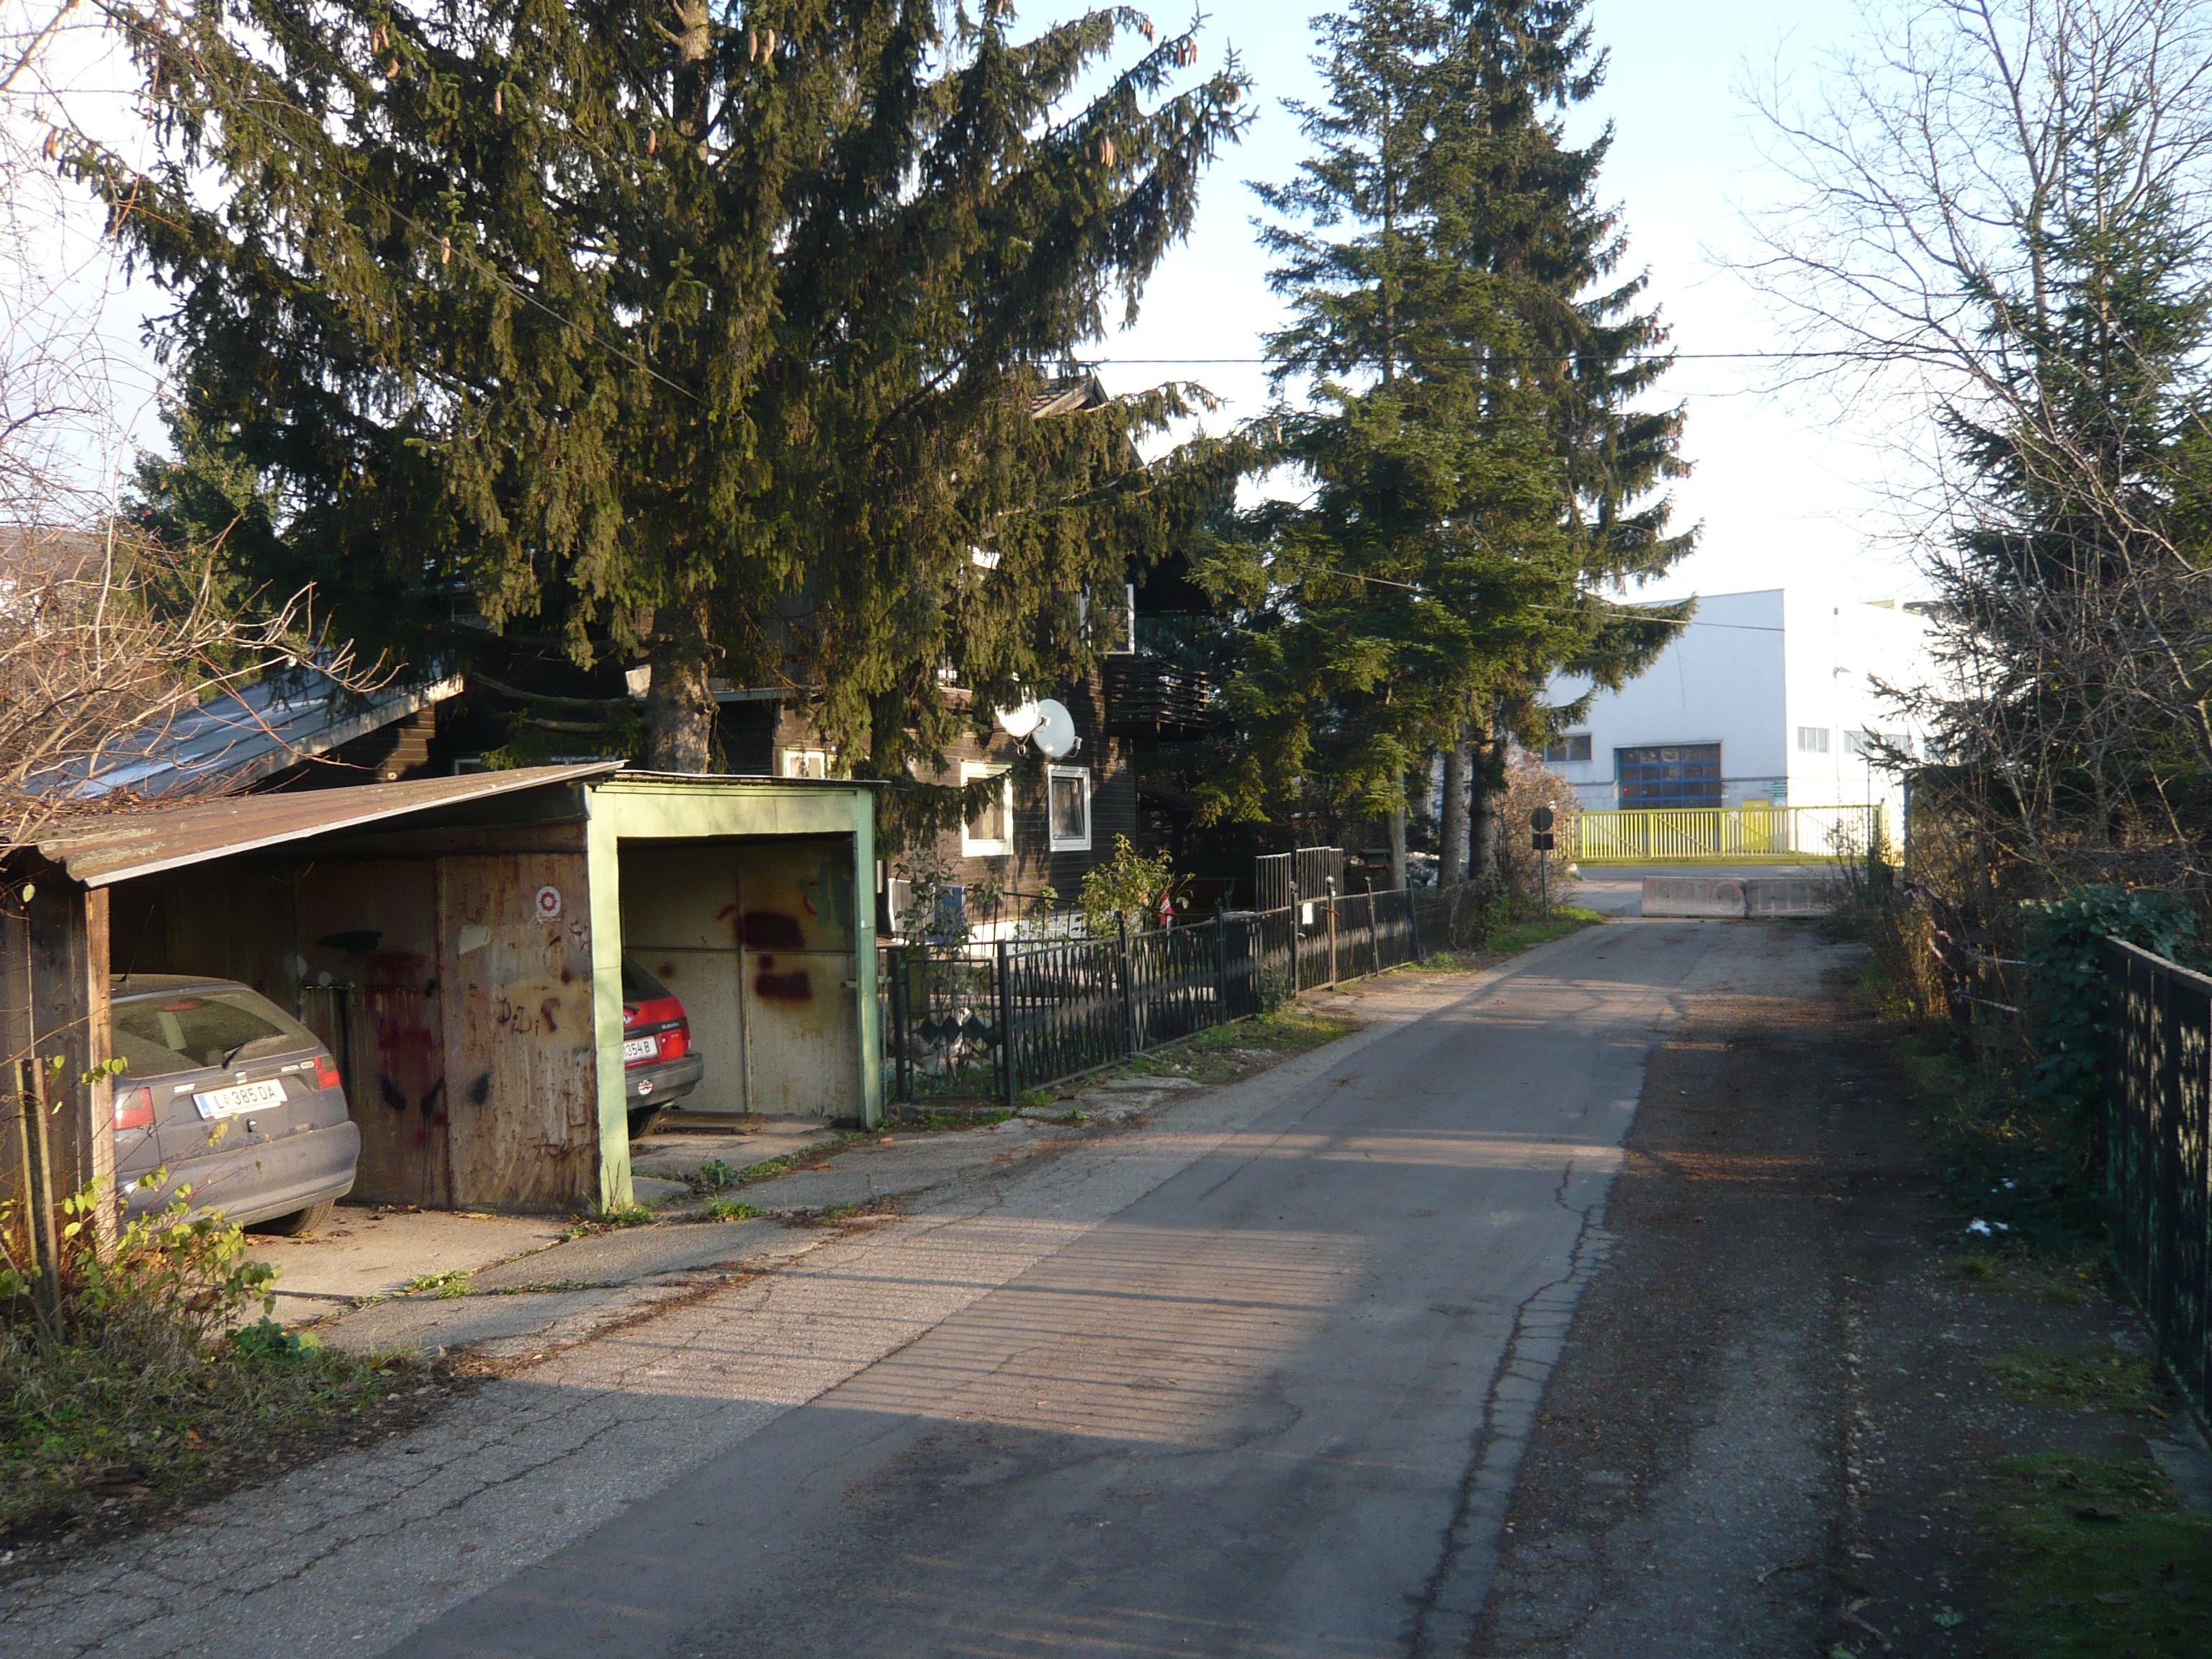 Wanderung_VOEST-05_2008.11.29